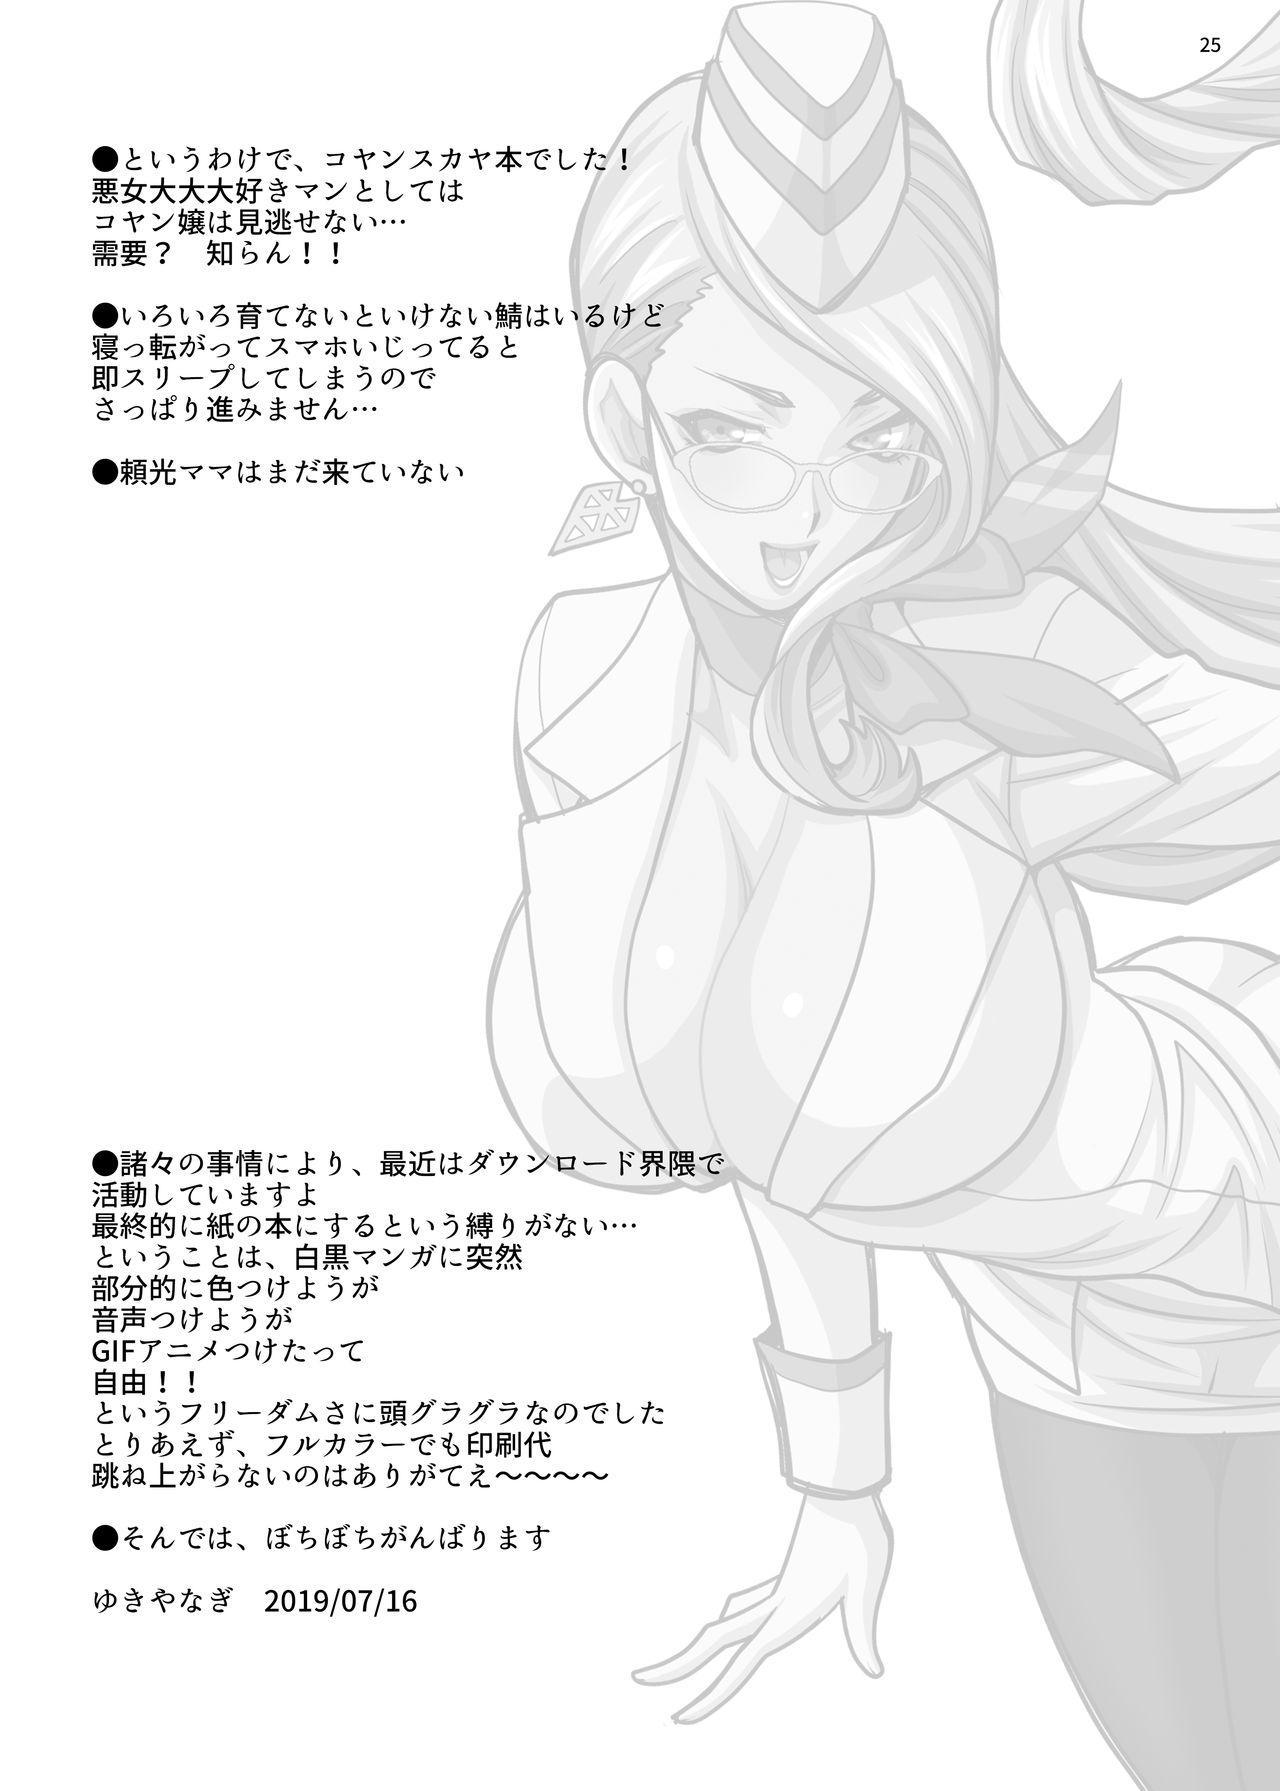 [SHALLOT COCO (Yukiyanagi)] Yukiyanagi no Hon 44 Koyanskaya-san ni Ashikoki toka Iroiro sareru Hon   Yukiyanagi's Book 44 A Book about Getting a Footjob and Stuff Done by Koyanskaya-san (Fate/Grand Order) [English] [biribiri] [Digital] 23